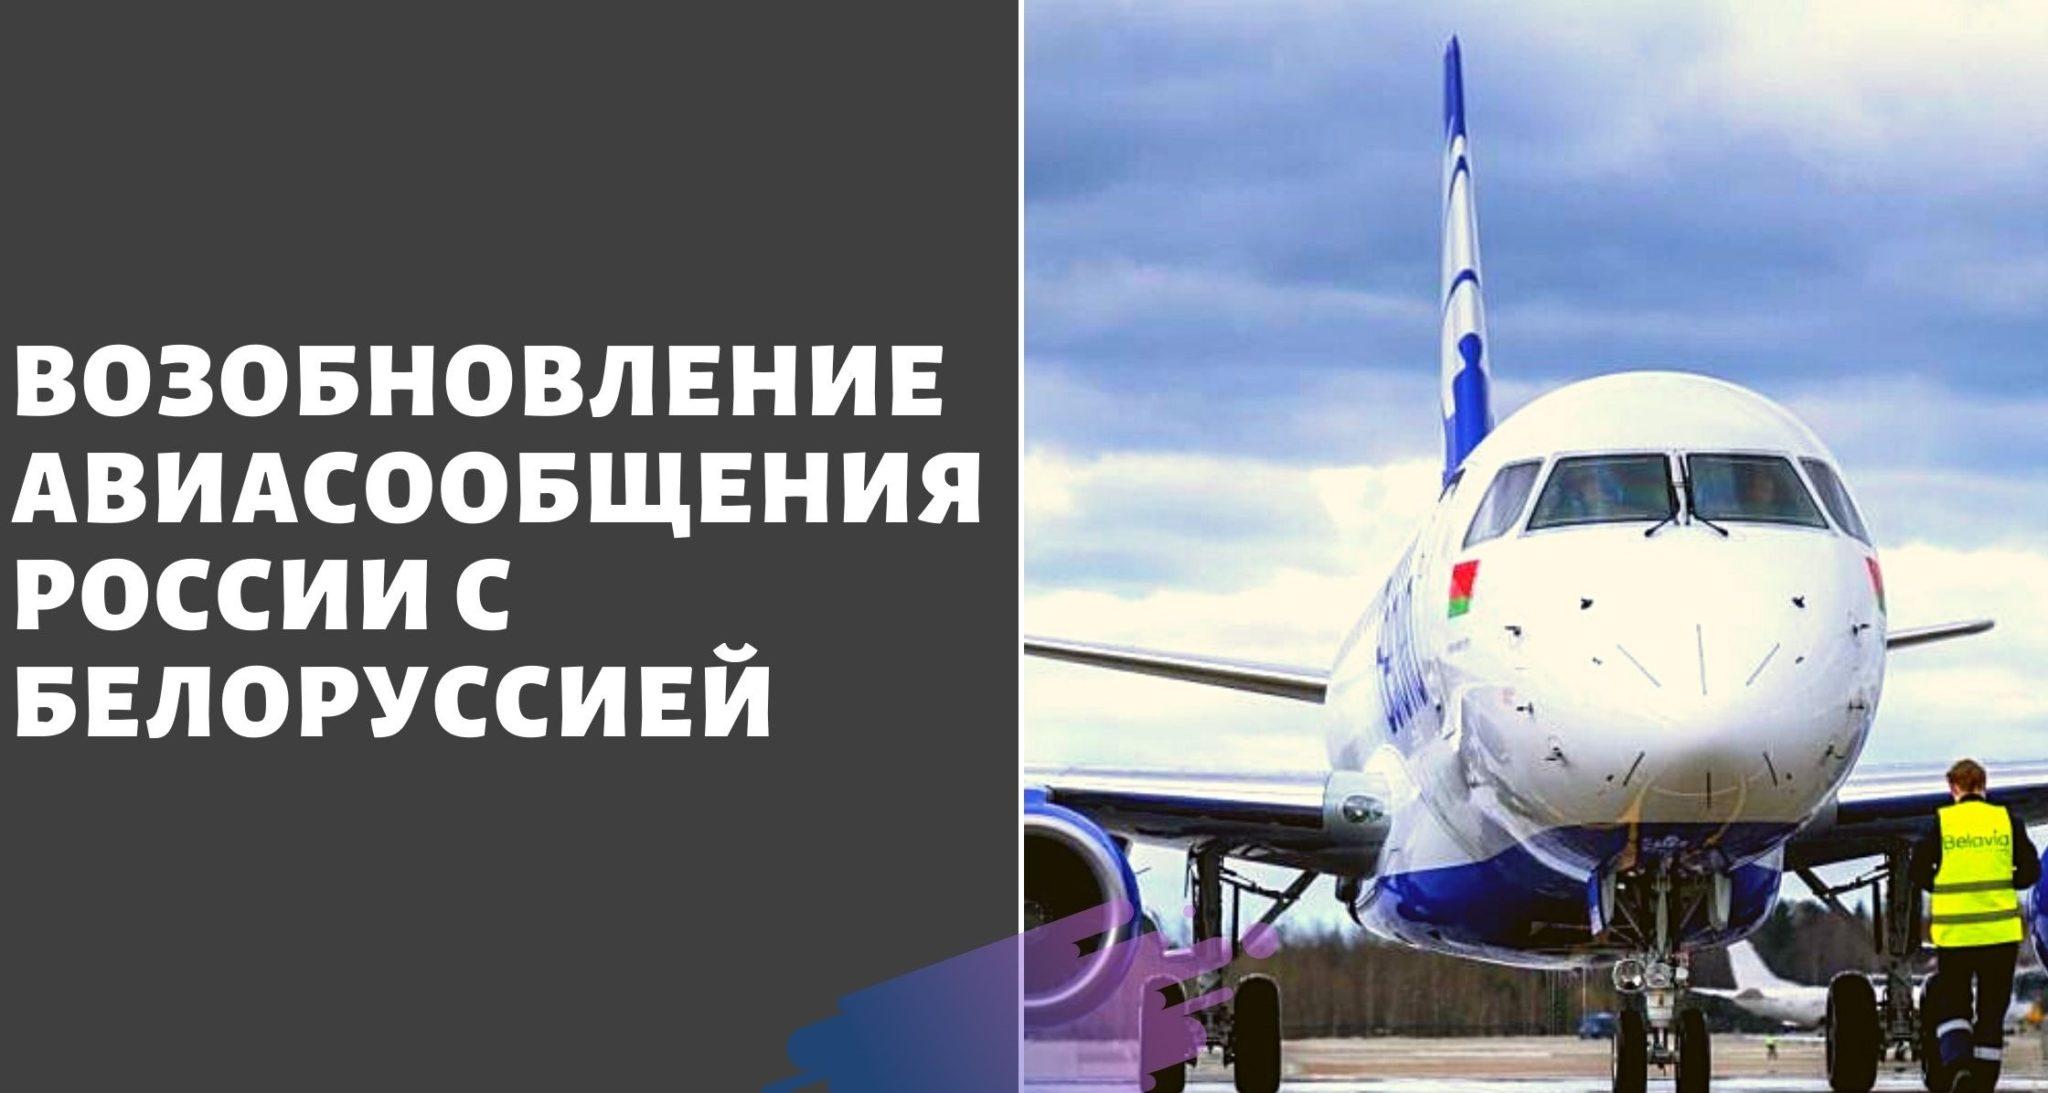 полеты из России в Белоруссию